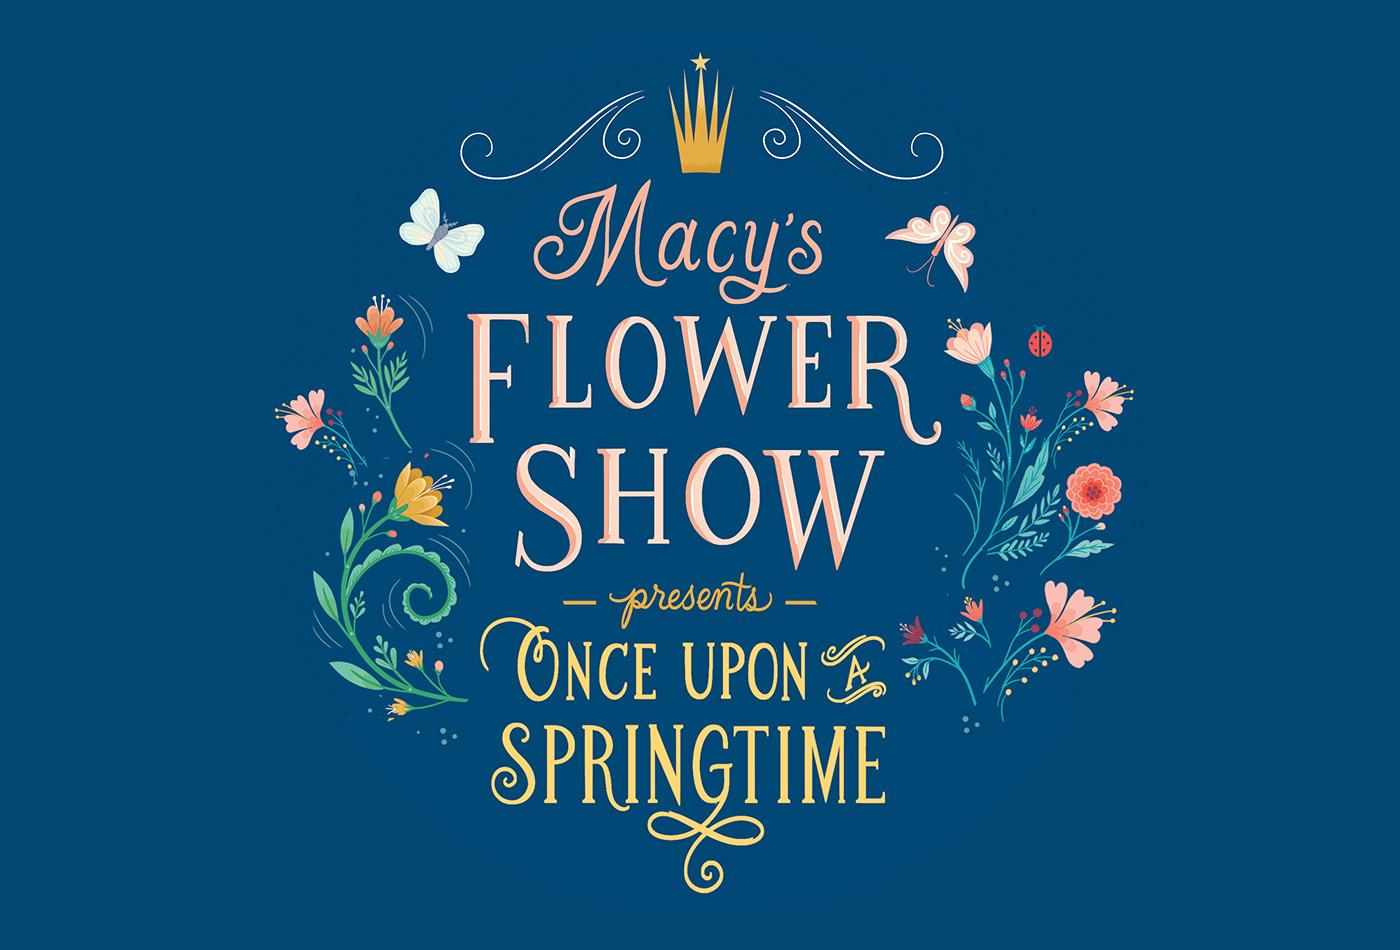 Macy's Flower Show 2018